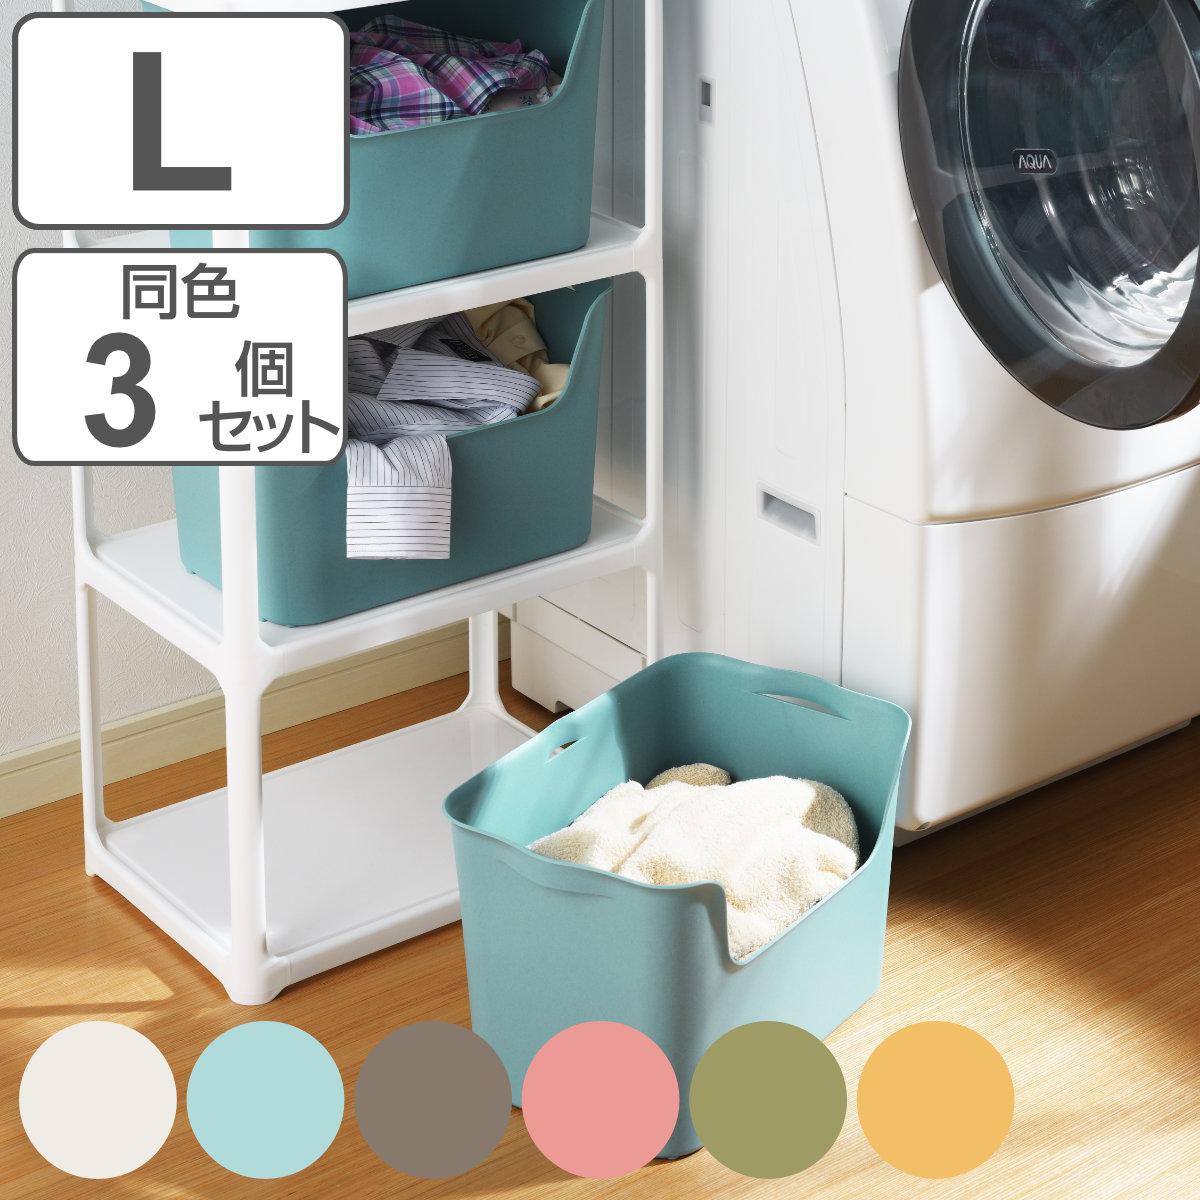 シックカラーと曲線フォルム 雰囲気にあわせて自由に組合わせ 収納ボックス カタス L カラーボックス インナーボックス 引き出し 同色3個セット 予約 収納ケース 収納 蔵 ケース おもちゃ箱 衣類収納 日本製 プラスチック フルサイズ 積み重ね おしゃれ インナーケース おもちゃ収納 ボックス